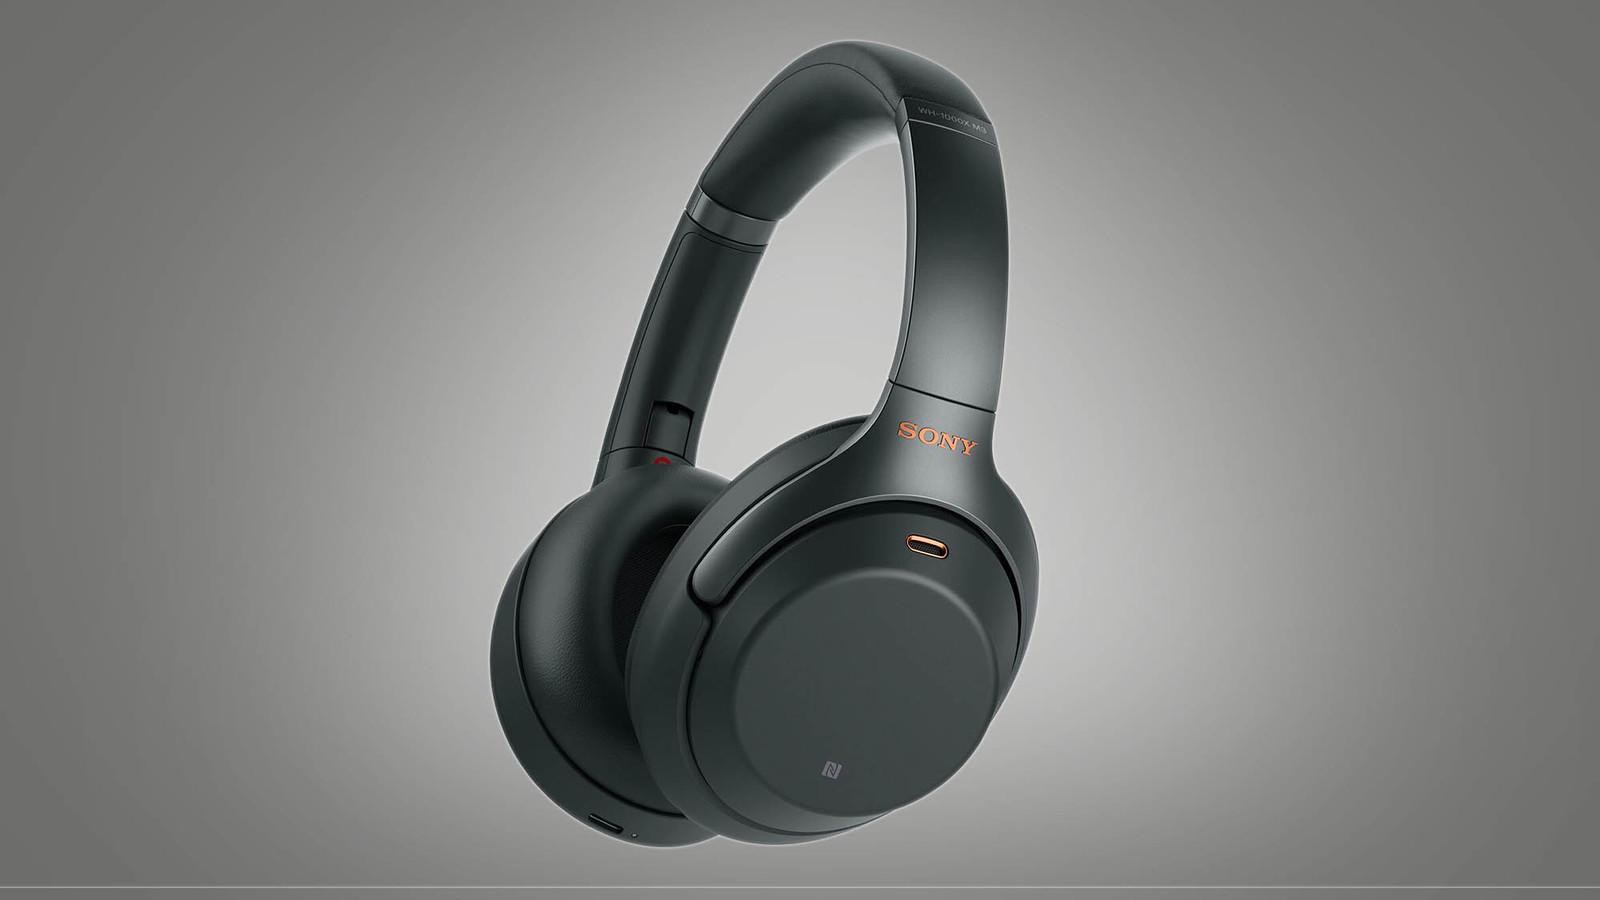 Наушники Sony WH-1000XM4: каким будет новый дизайн WH-1000XM4? Новости и обзоры от Earphones-Review🎧